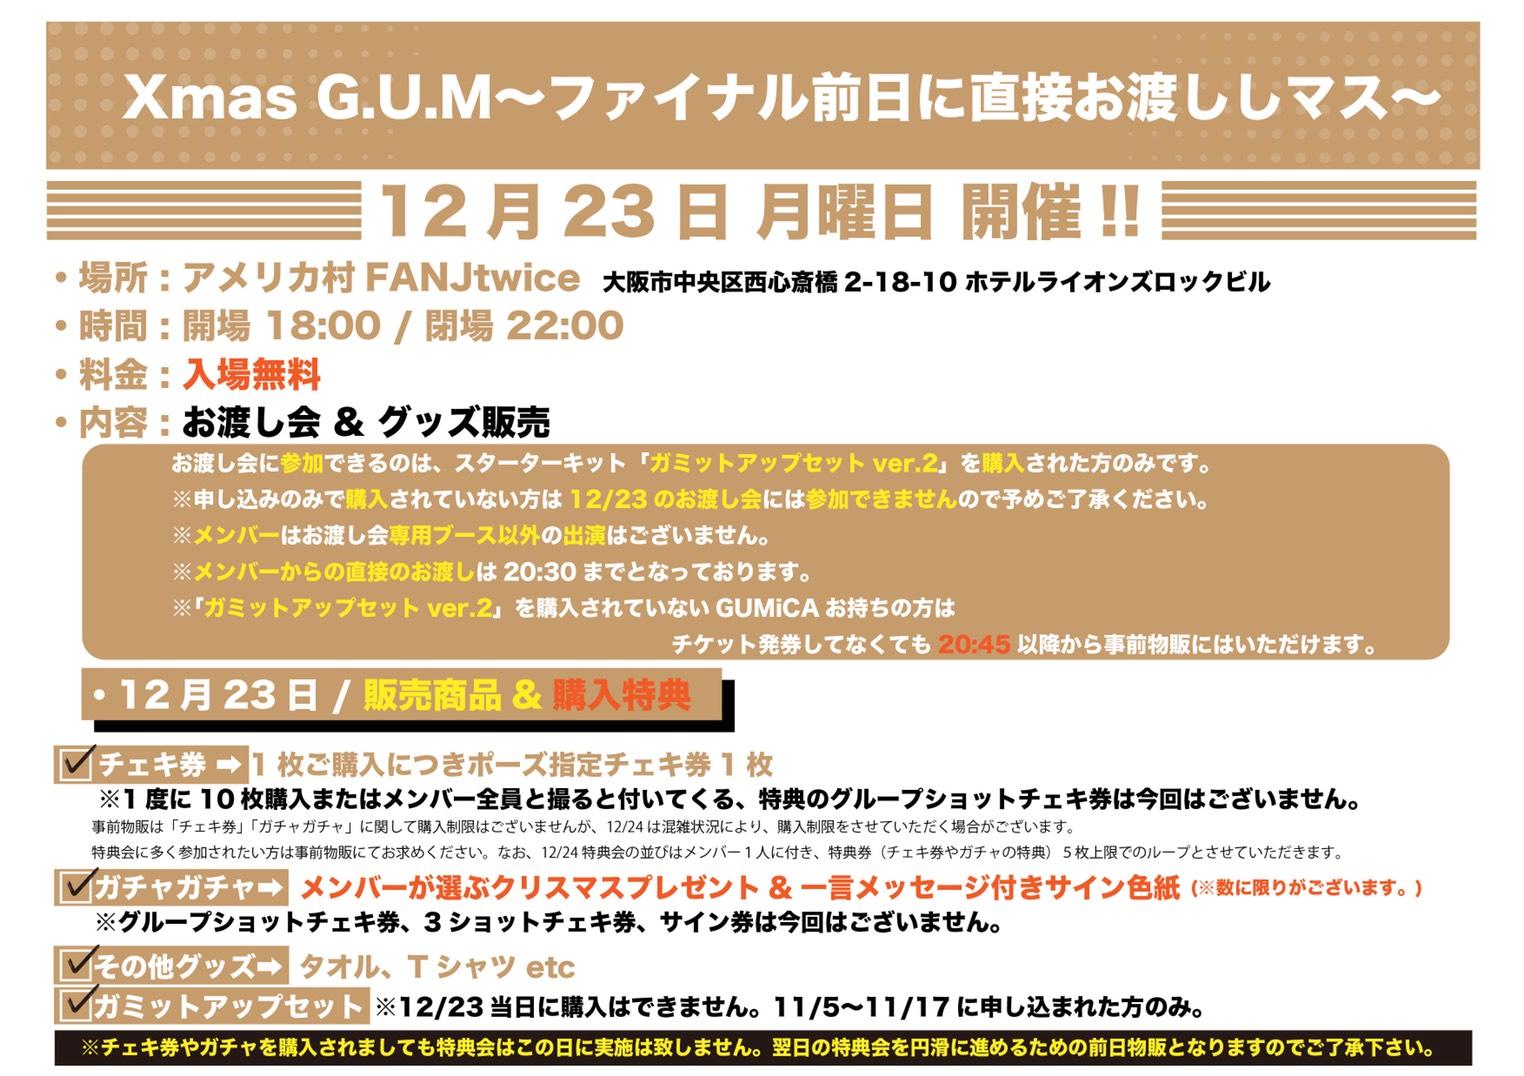 Xmas G.U.M〜ファイナル前日に直接お渡ししマス〜